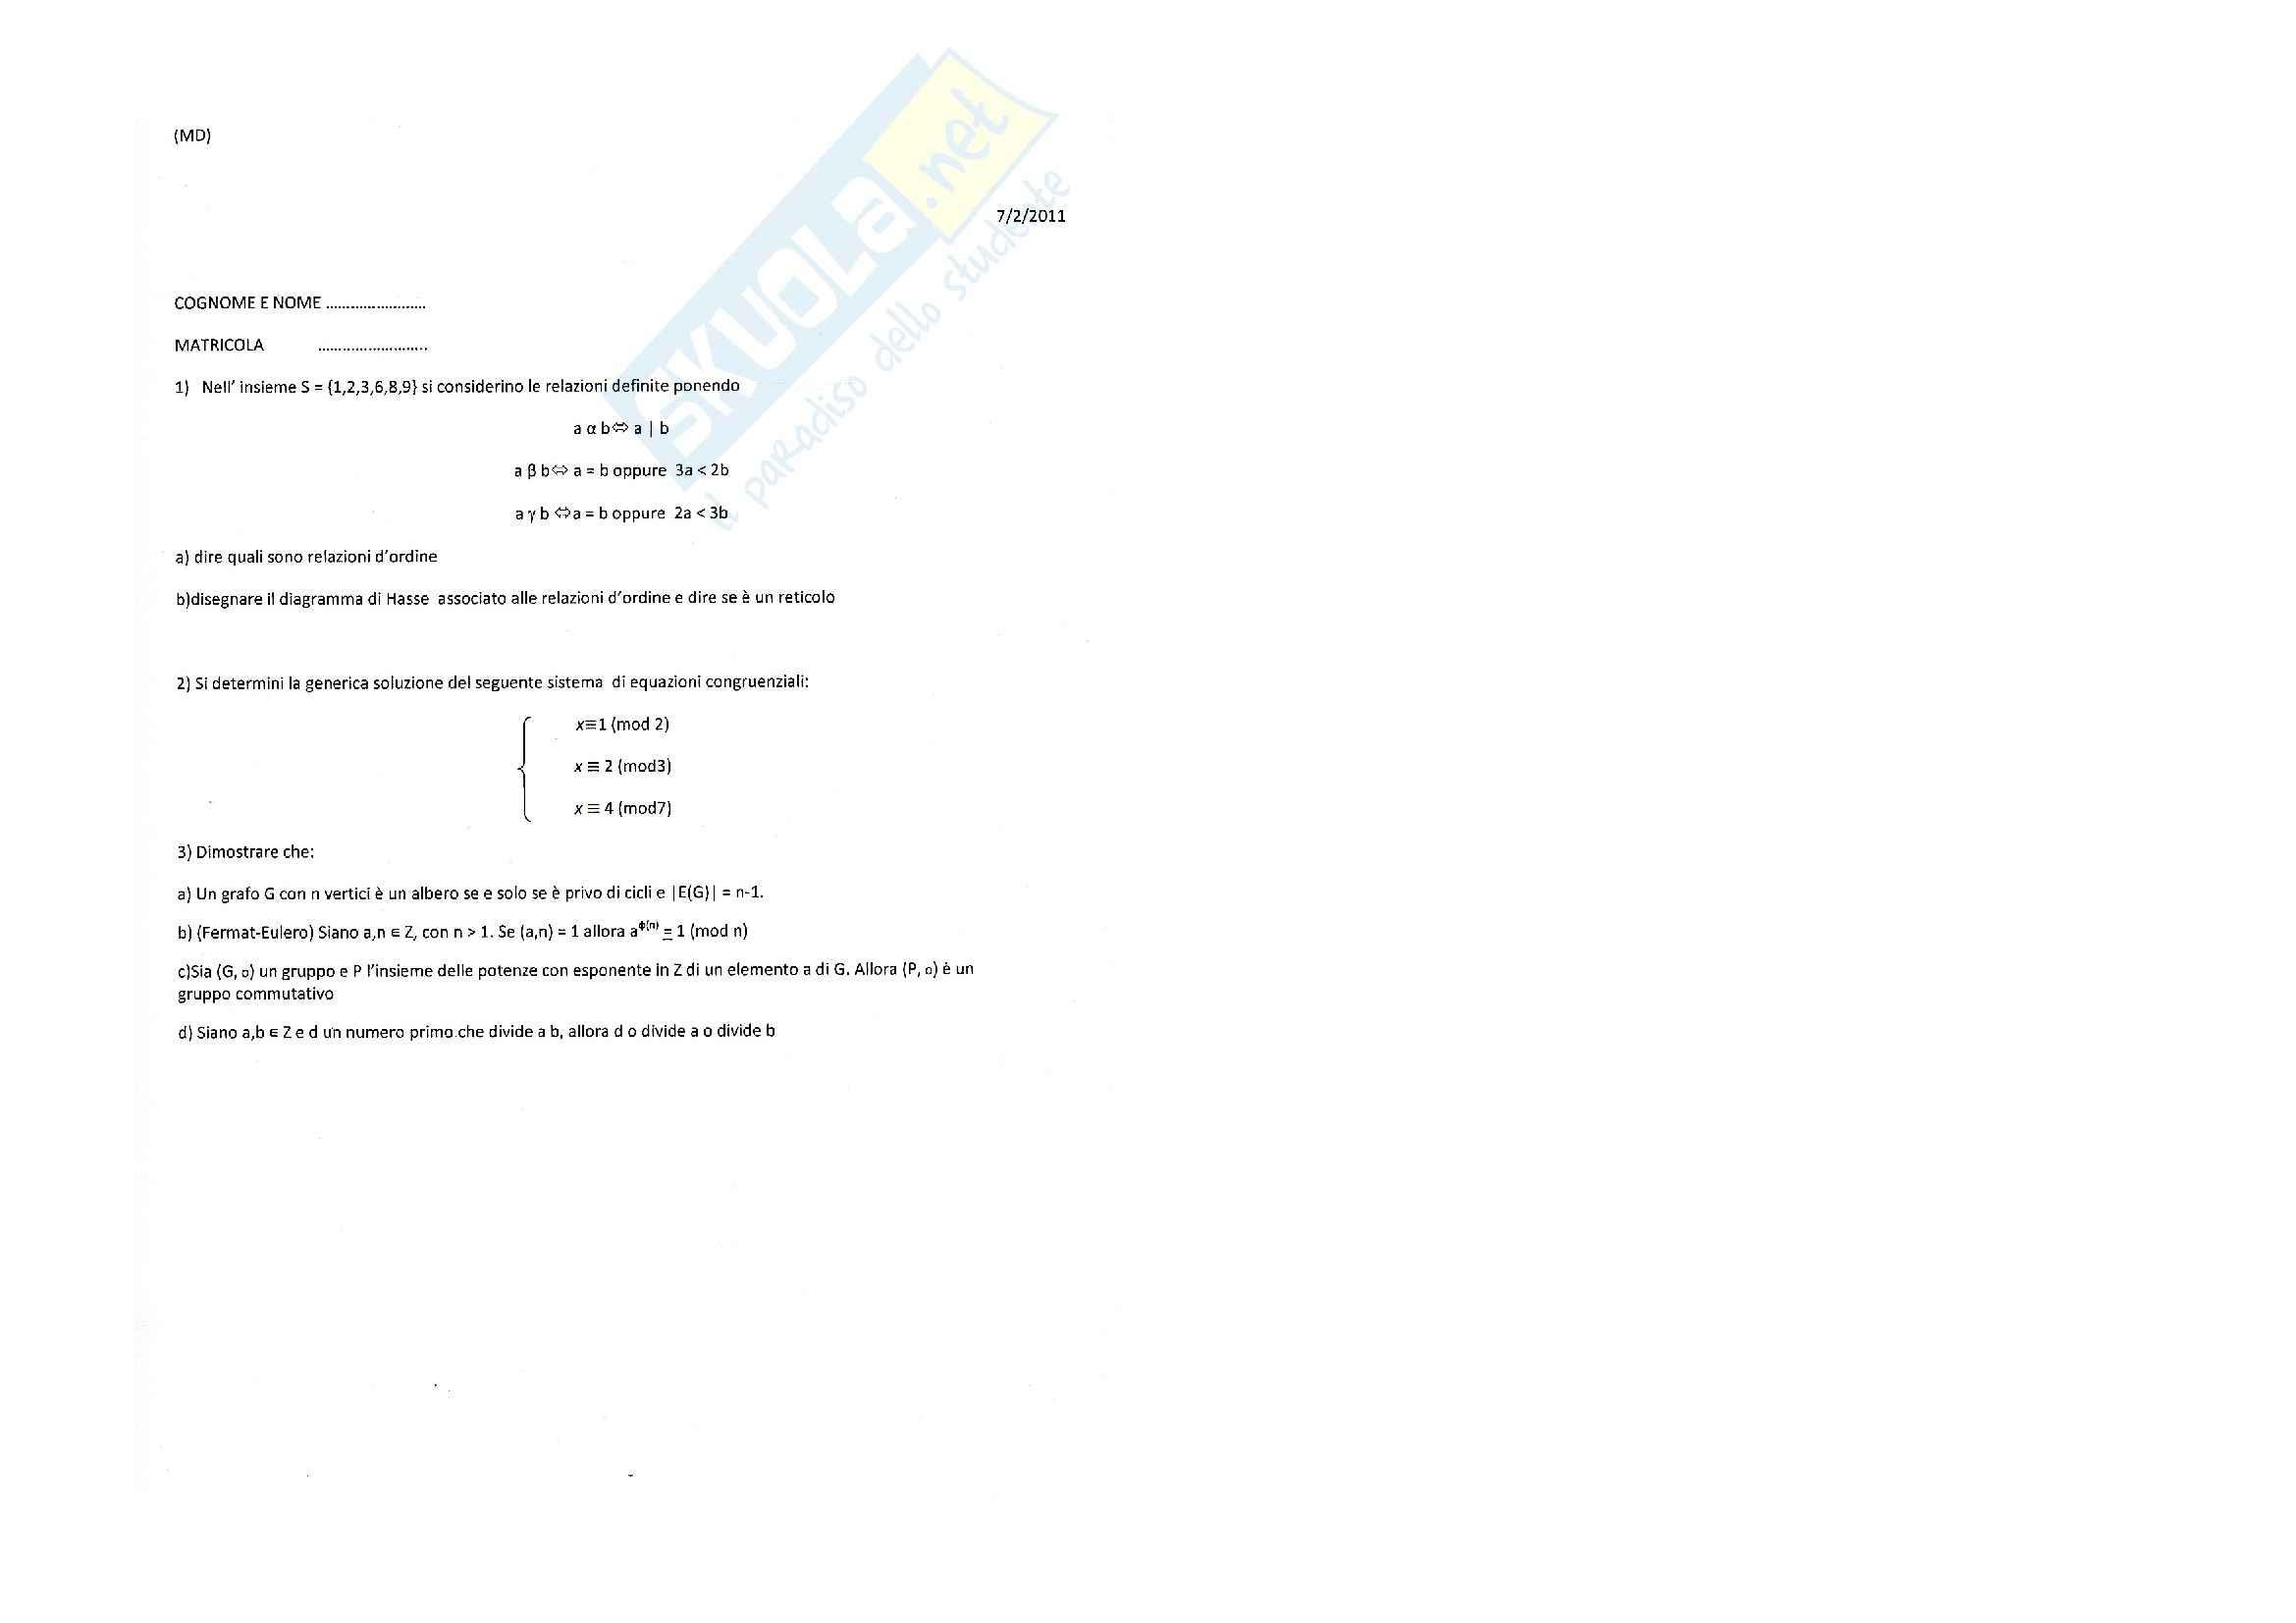 Matematica discreta - Esercitazione